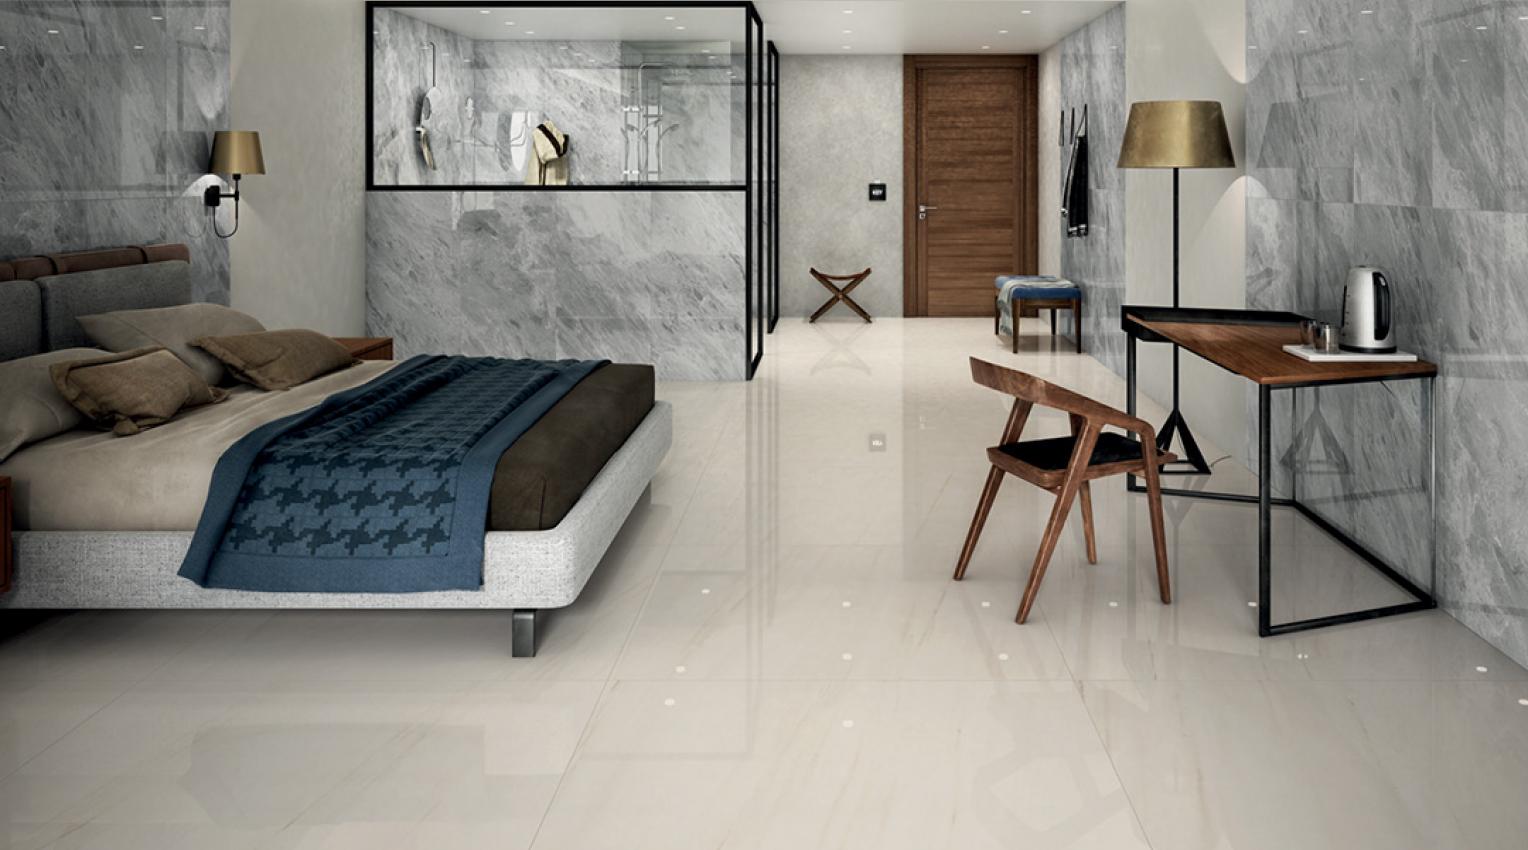 Stil_casa_belsito_cosenza_bbls_group_paviment_rivestimenti_arredo_bagno_piastrelle_ceramica_stile_moderno_classico_3